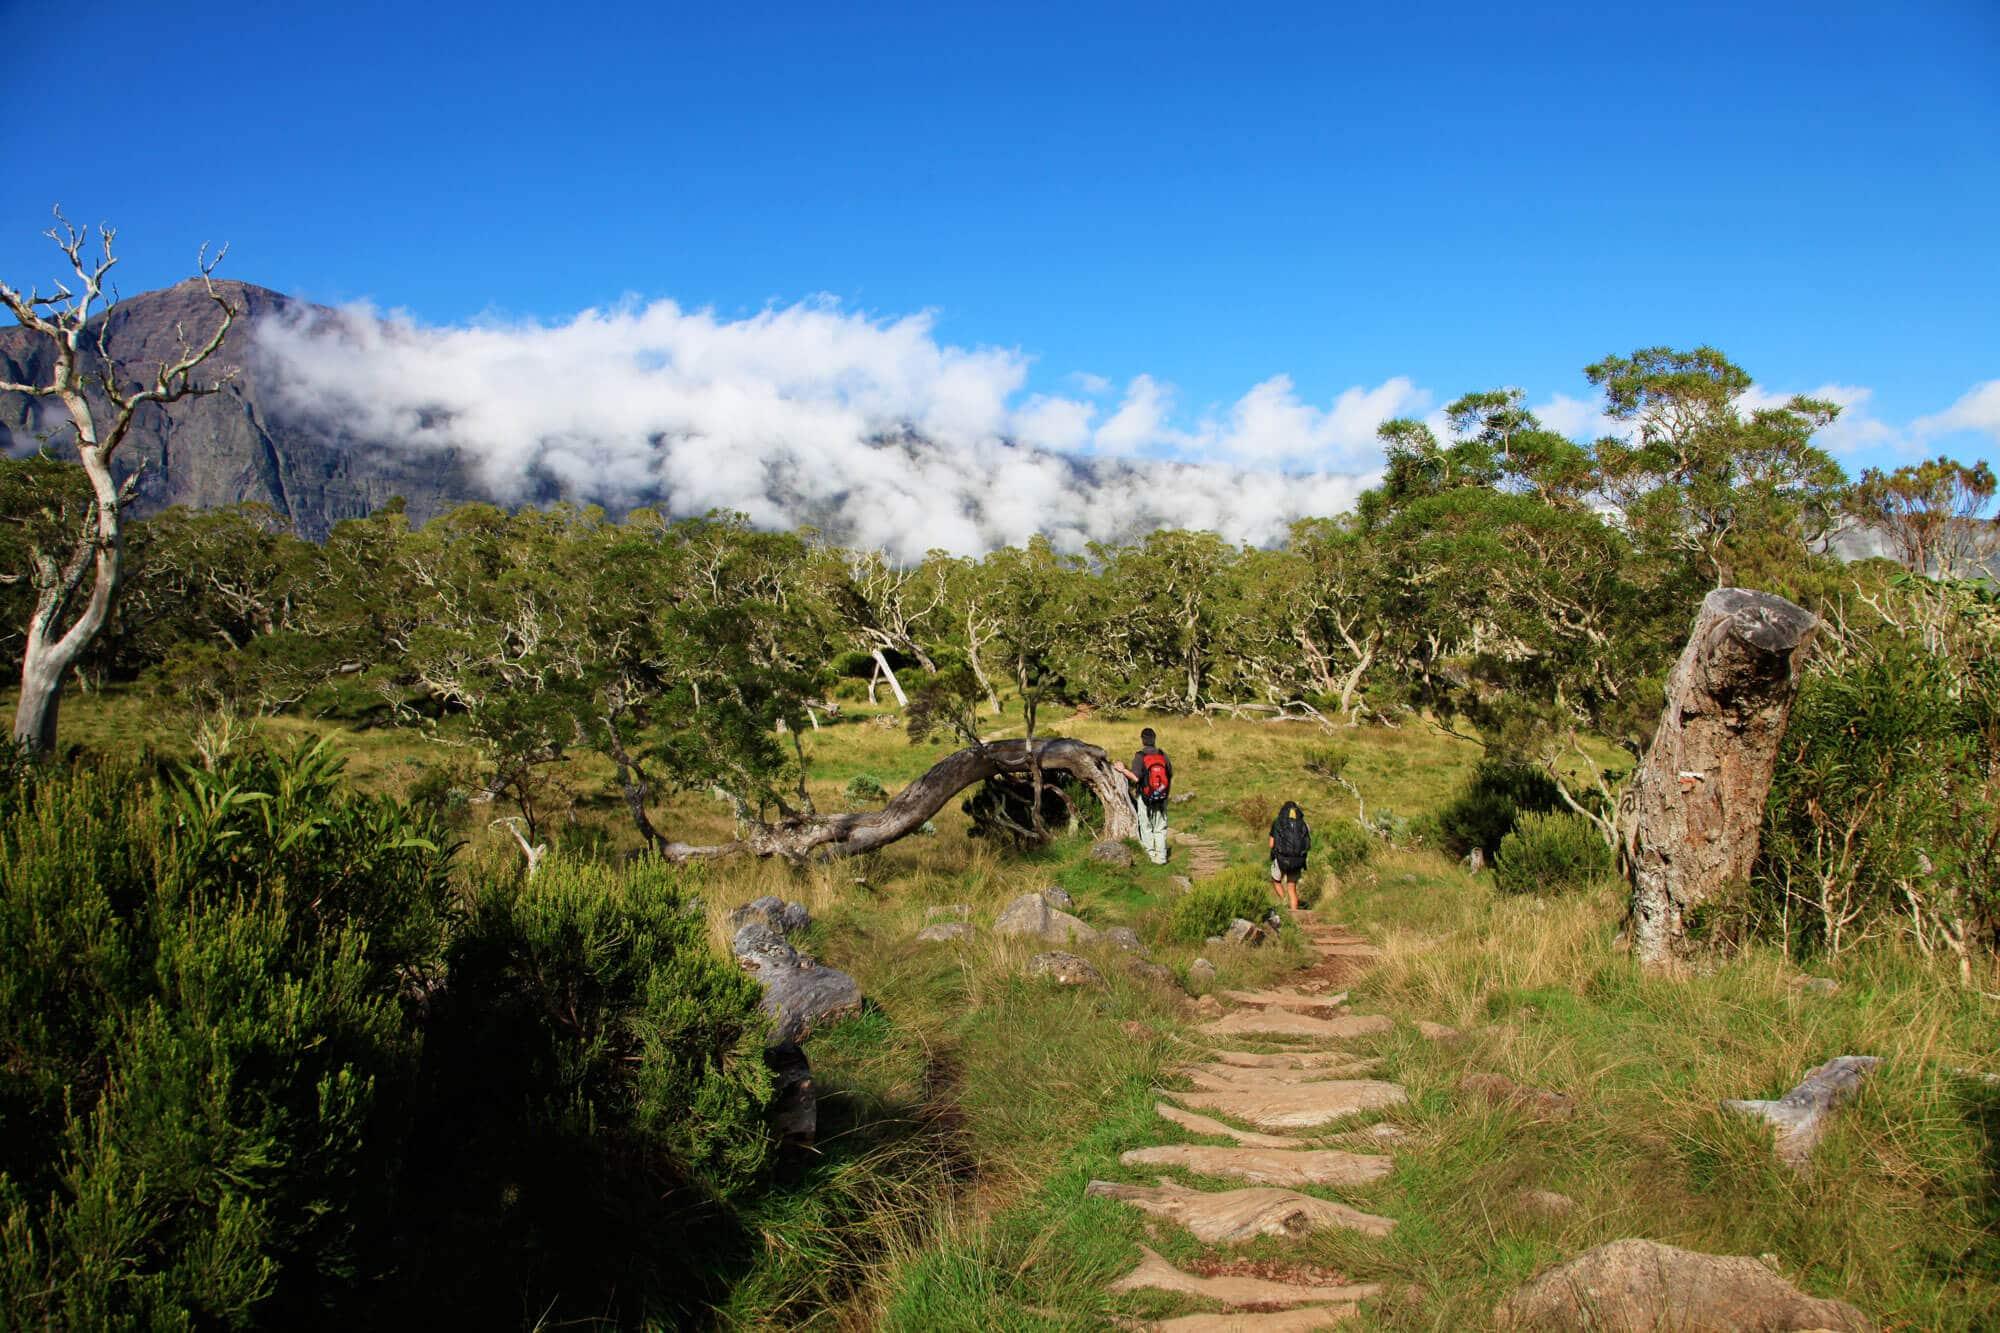 Indischer Ozean: Die Trauminsel La Reunion - La Réunion Sehenswürdigkeiten